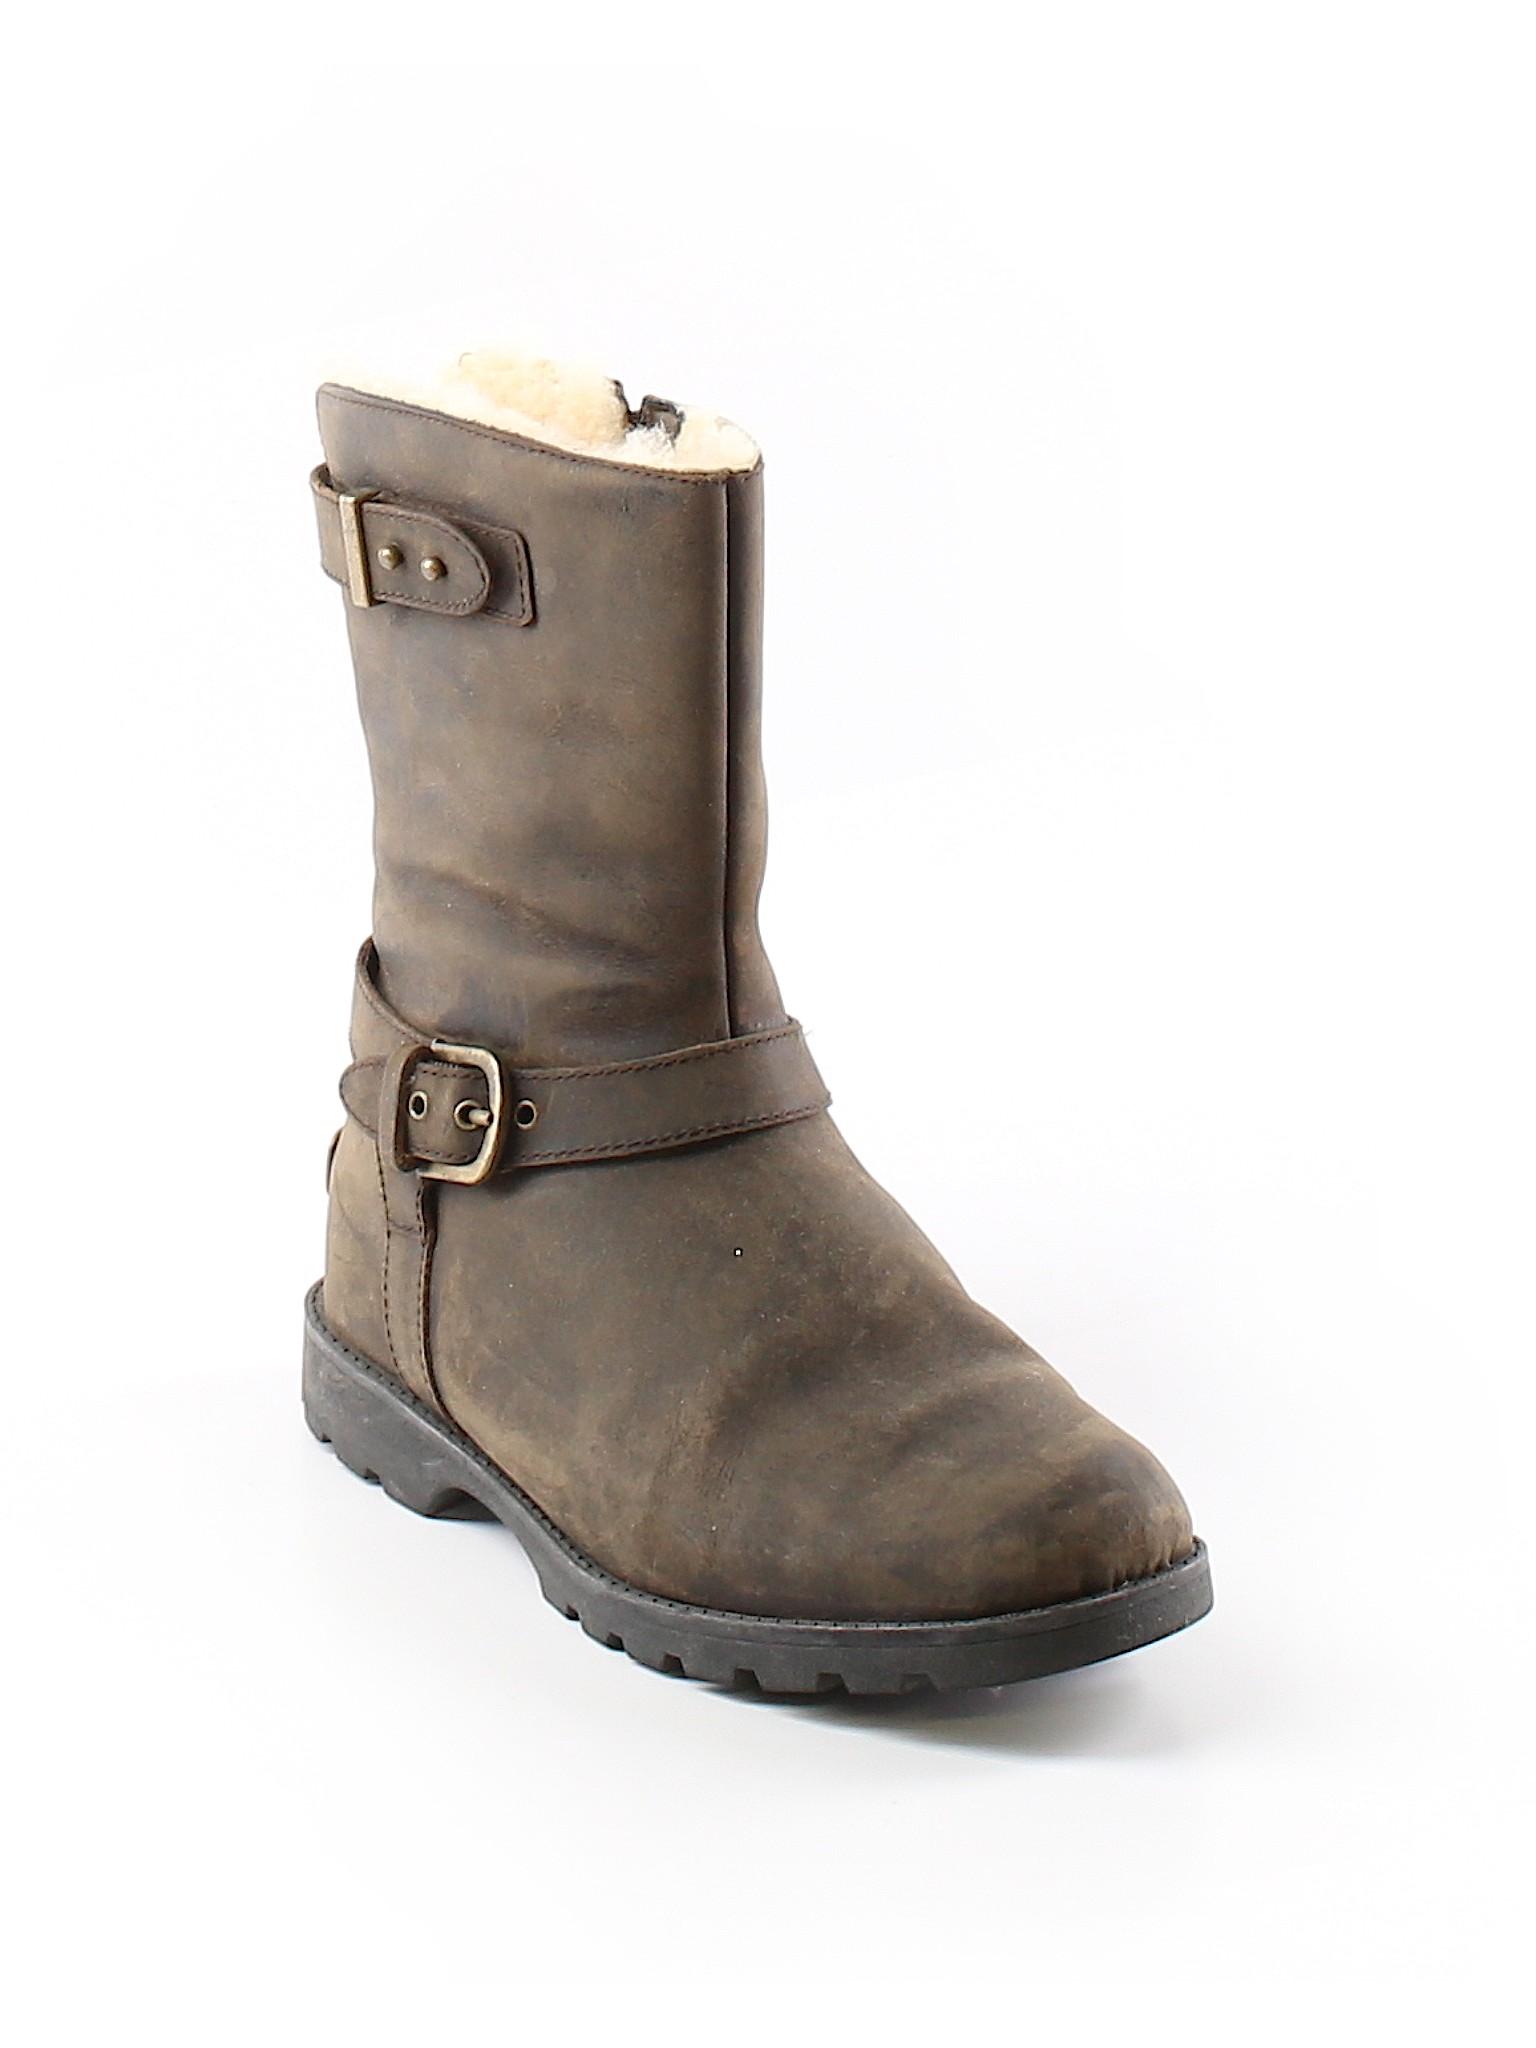 Australia Boots Ugg Boutique promotion Boutique promotion wXqX6IO